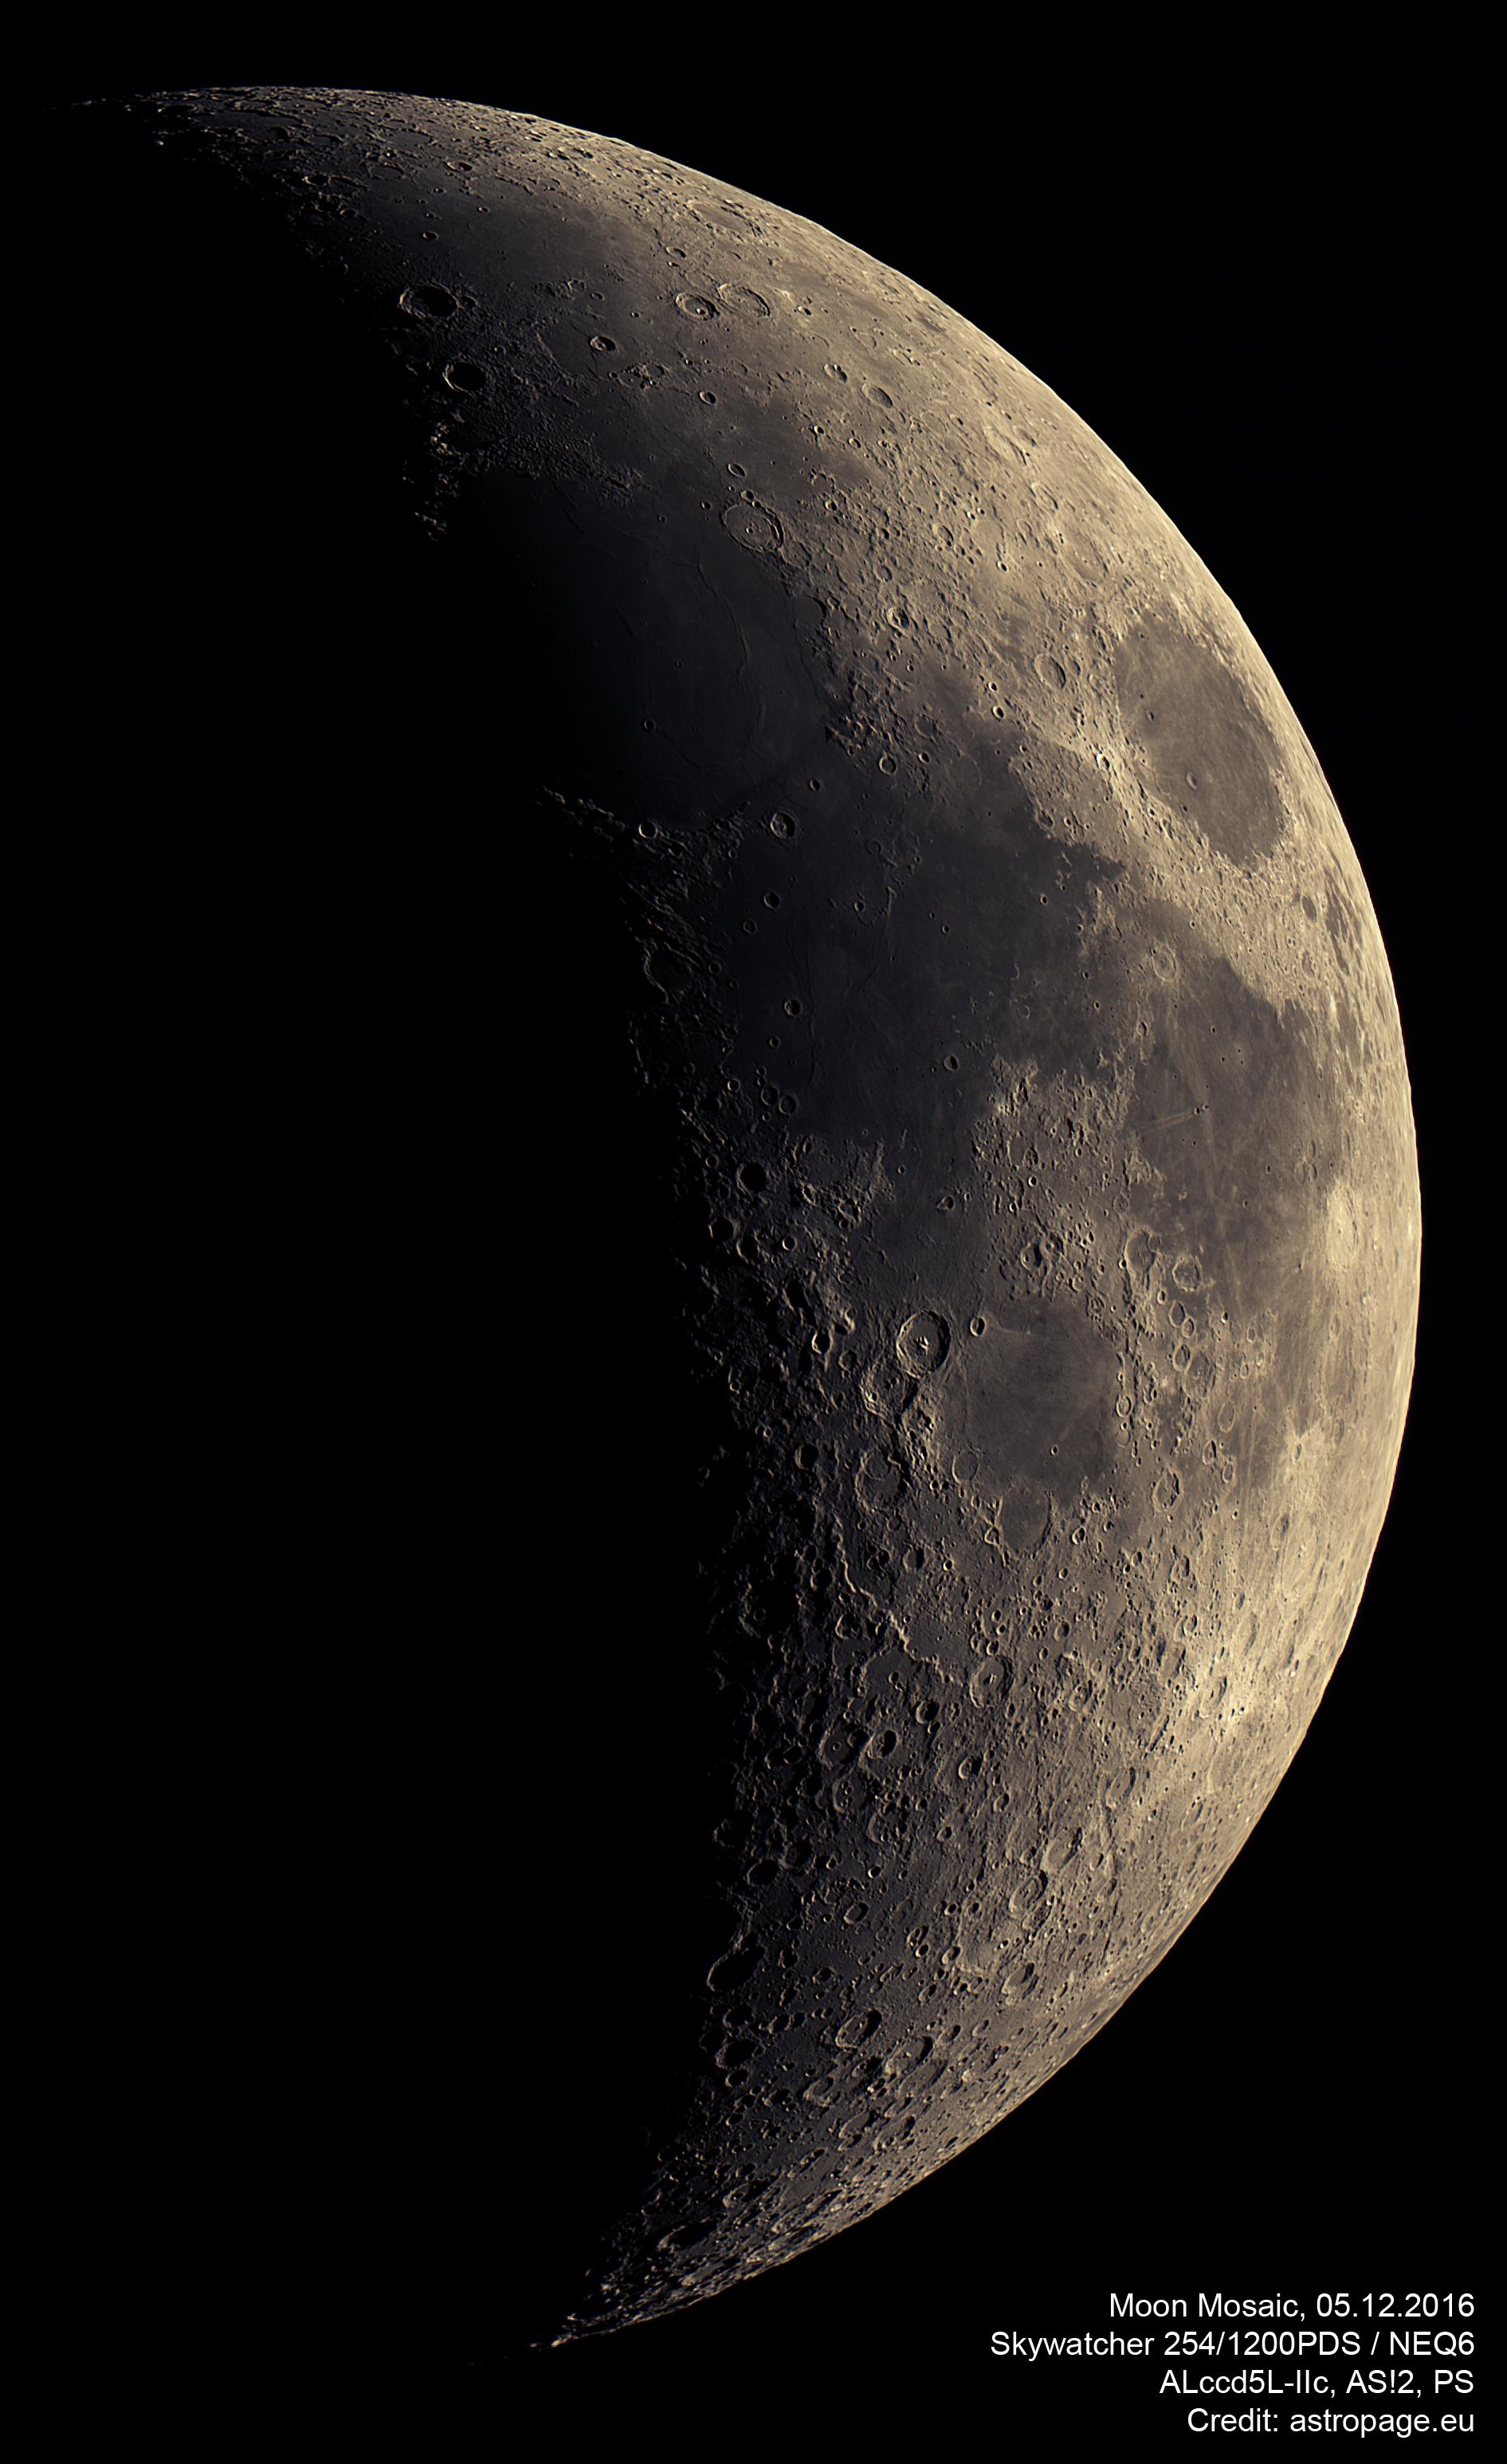 Mond-Mosaik vom 05.12.2016. (astropage.eu)